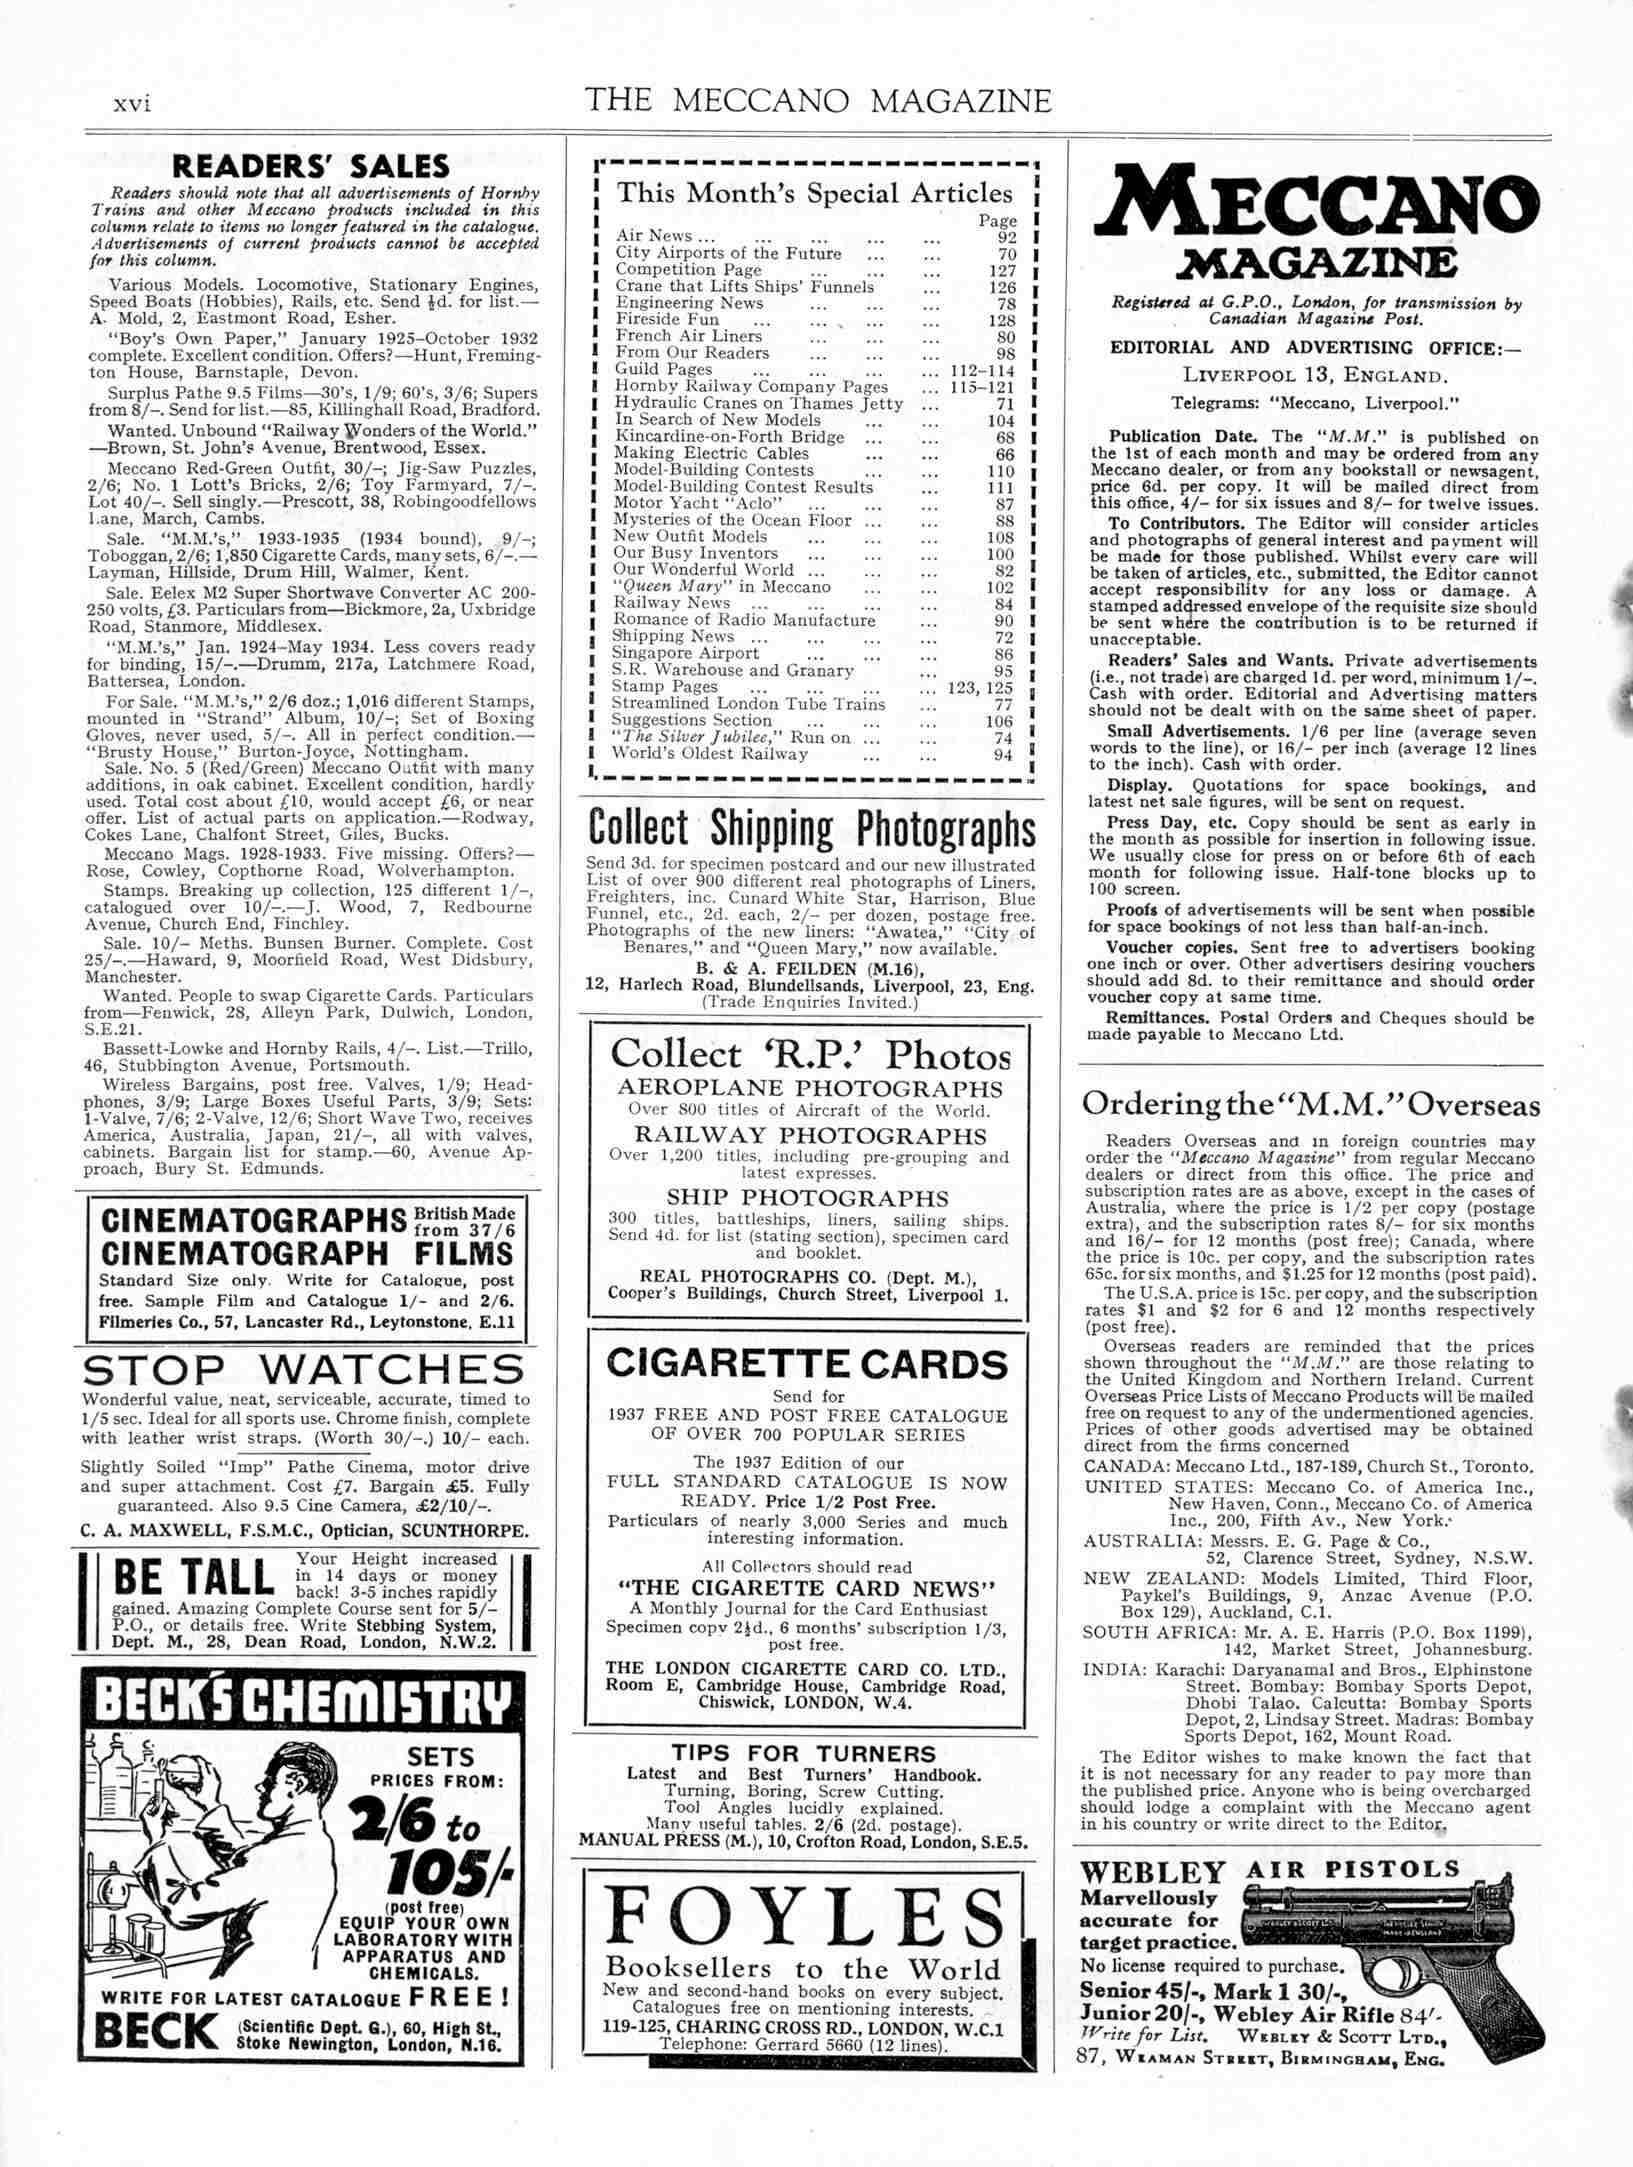 UK Meccano Magazine February 1937 Page xvi